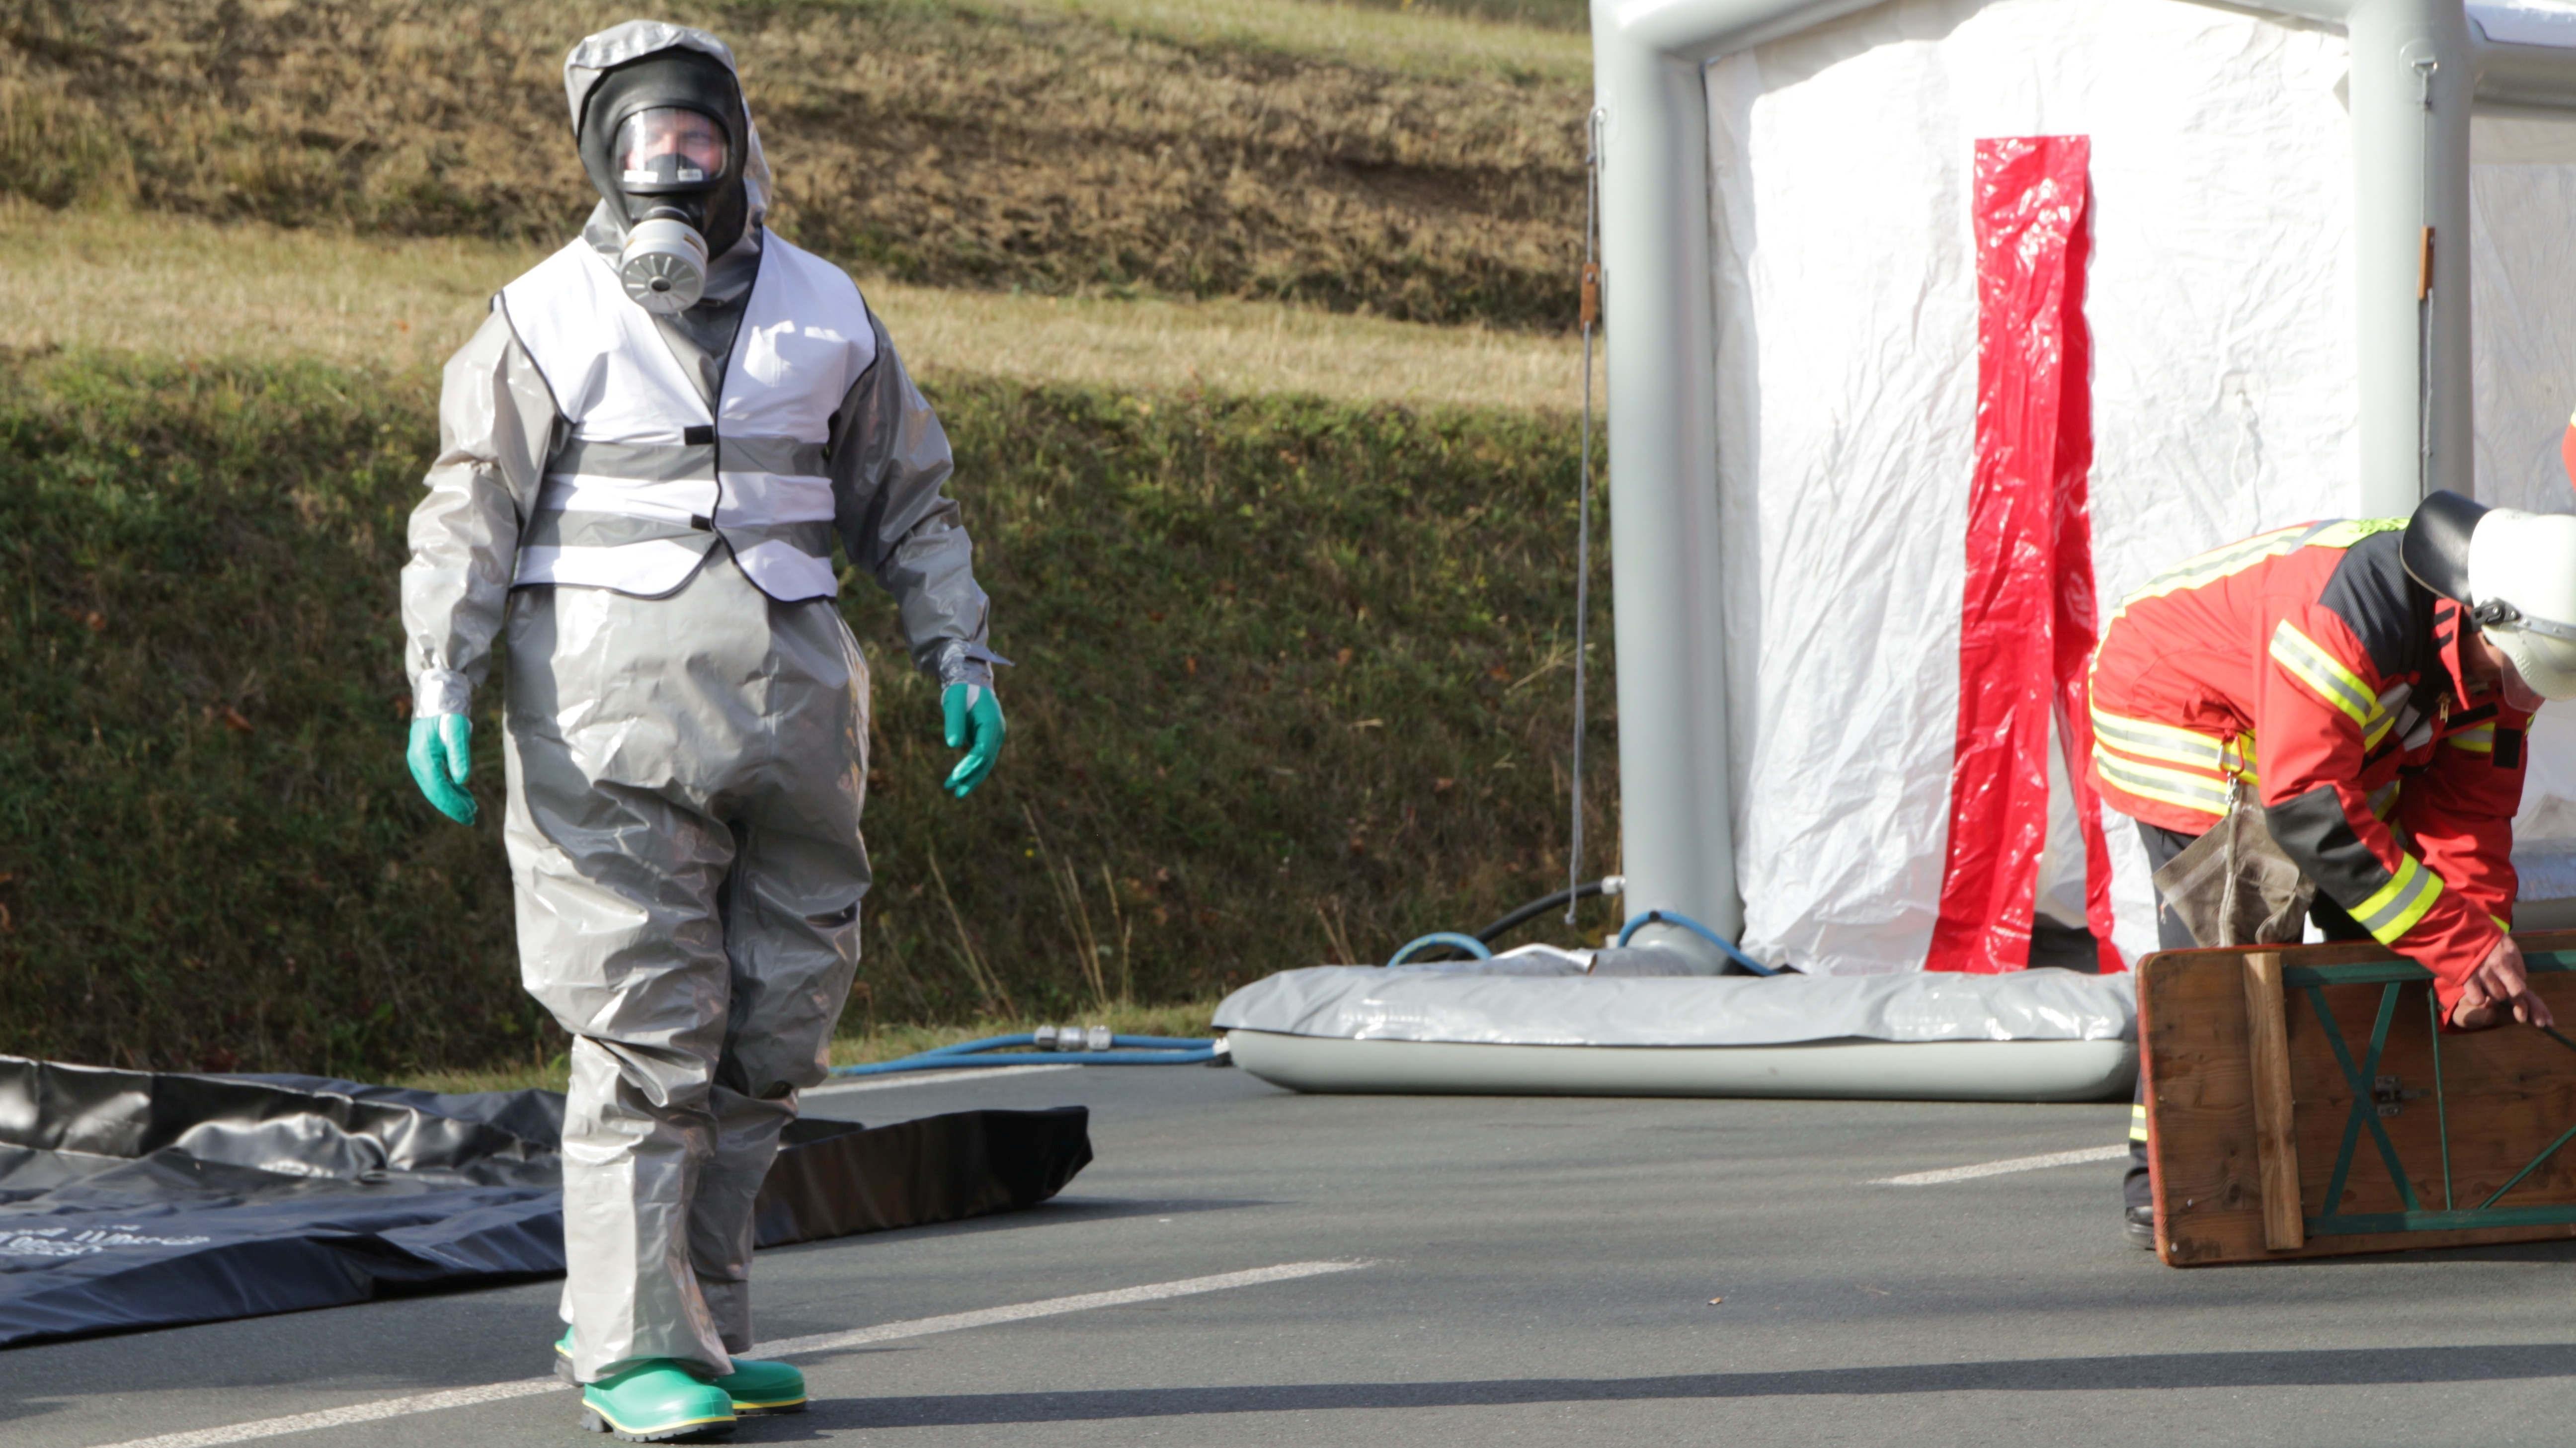 Pegnitz (Lkr. Bayreuth): Einsatzkräfte in Sicherheitsausrüstung wegen des Ammoniakaustritts beim Eisstadion am Schwimmbad.